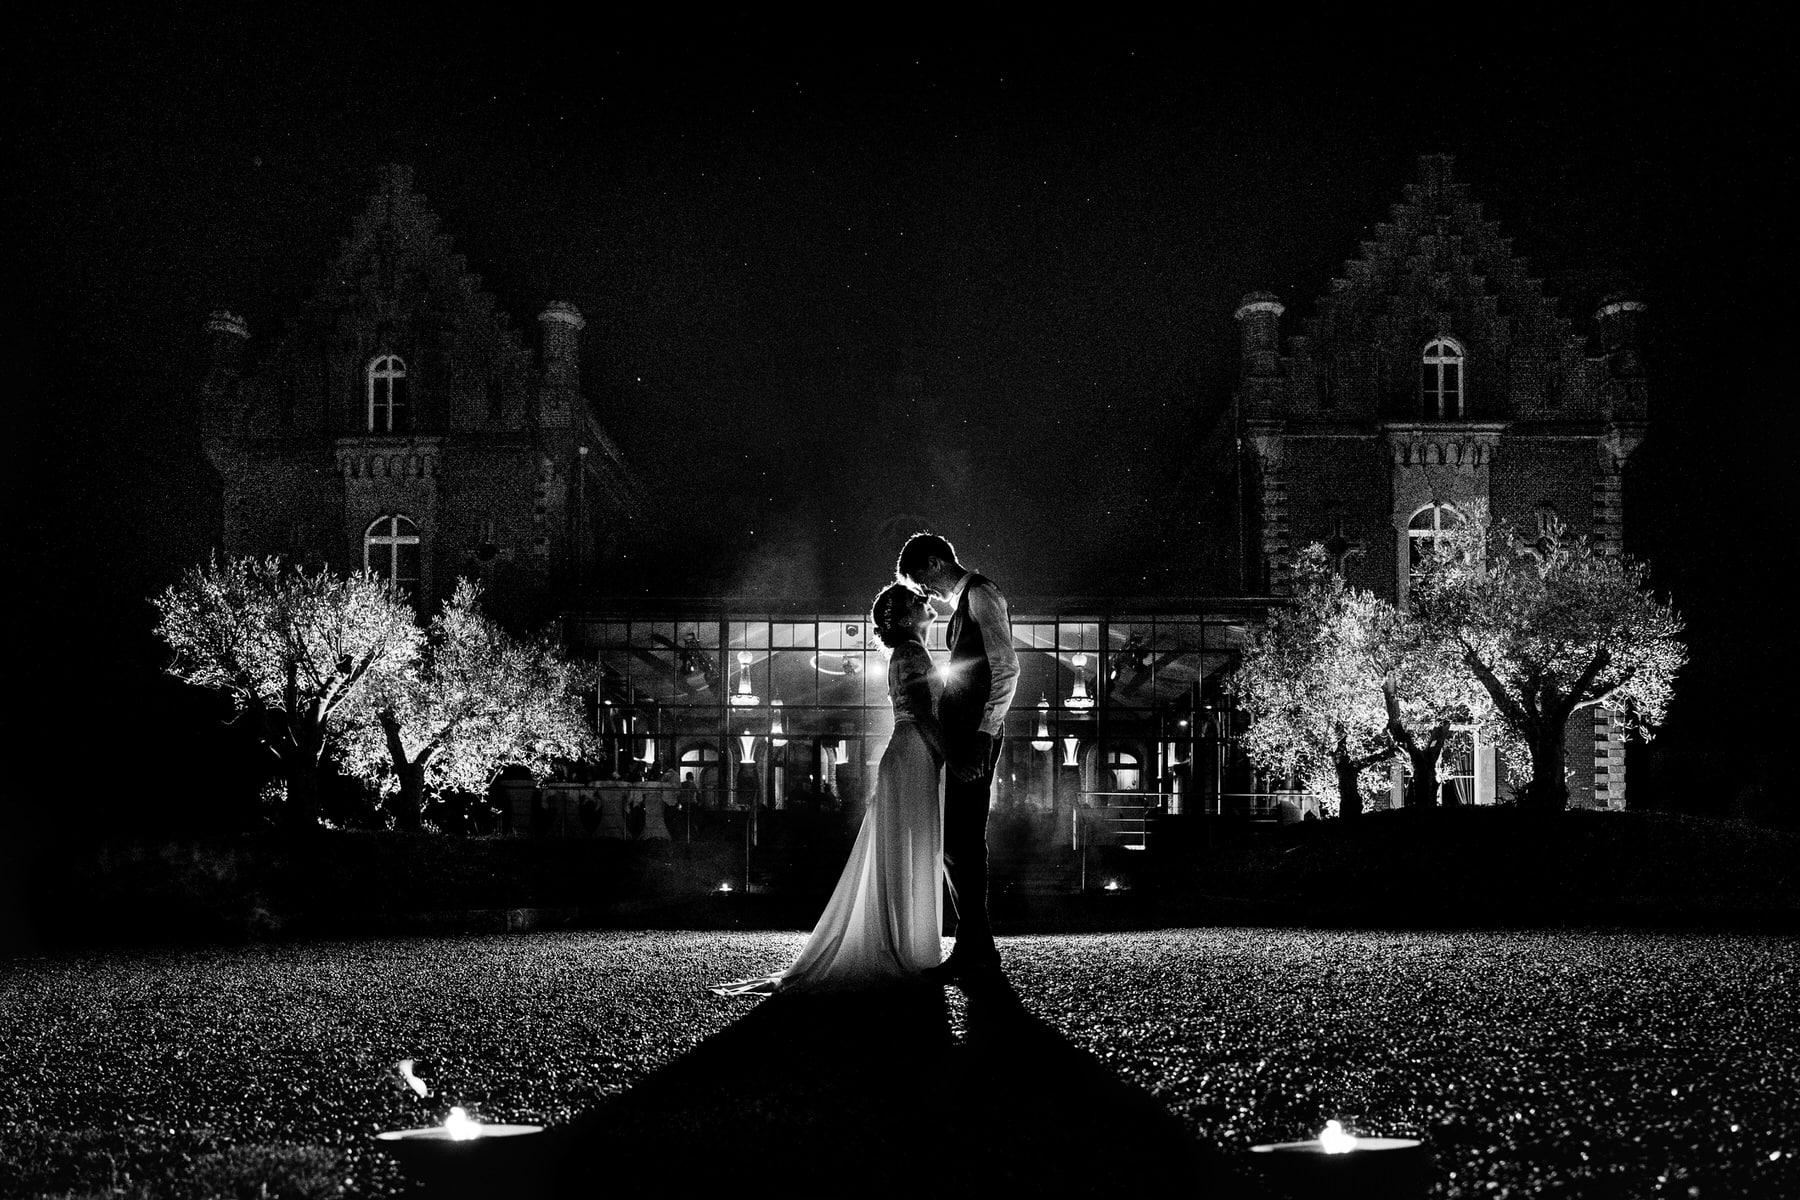 Mariage champêtre au Château de bourgogne